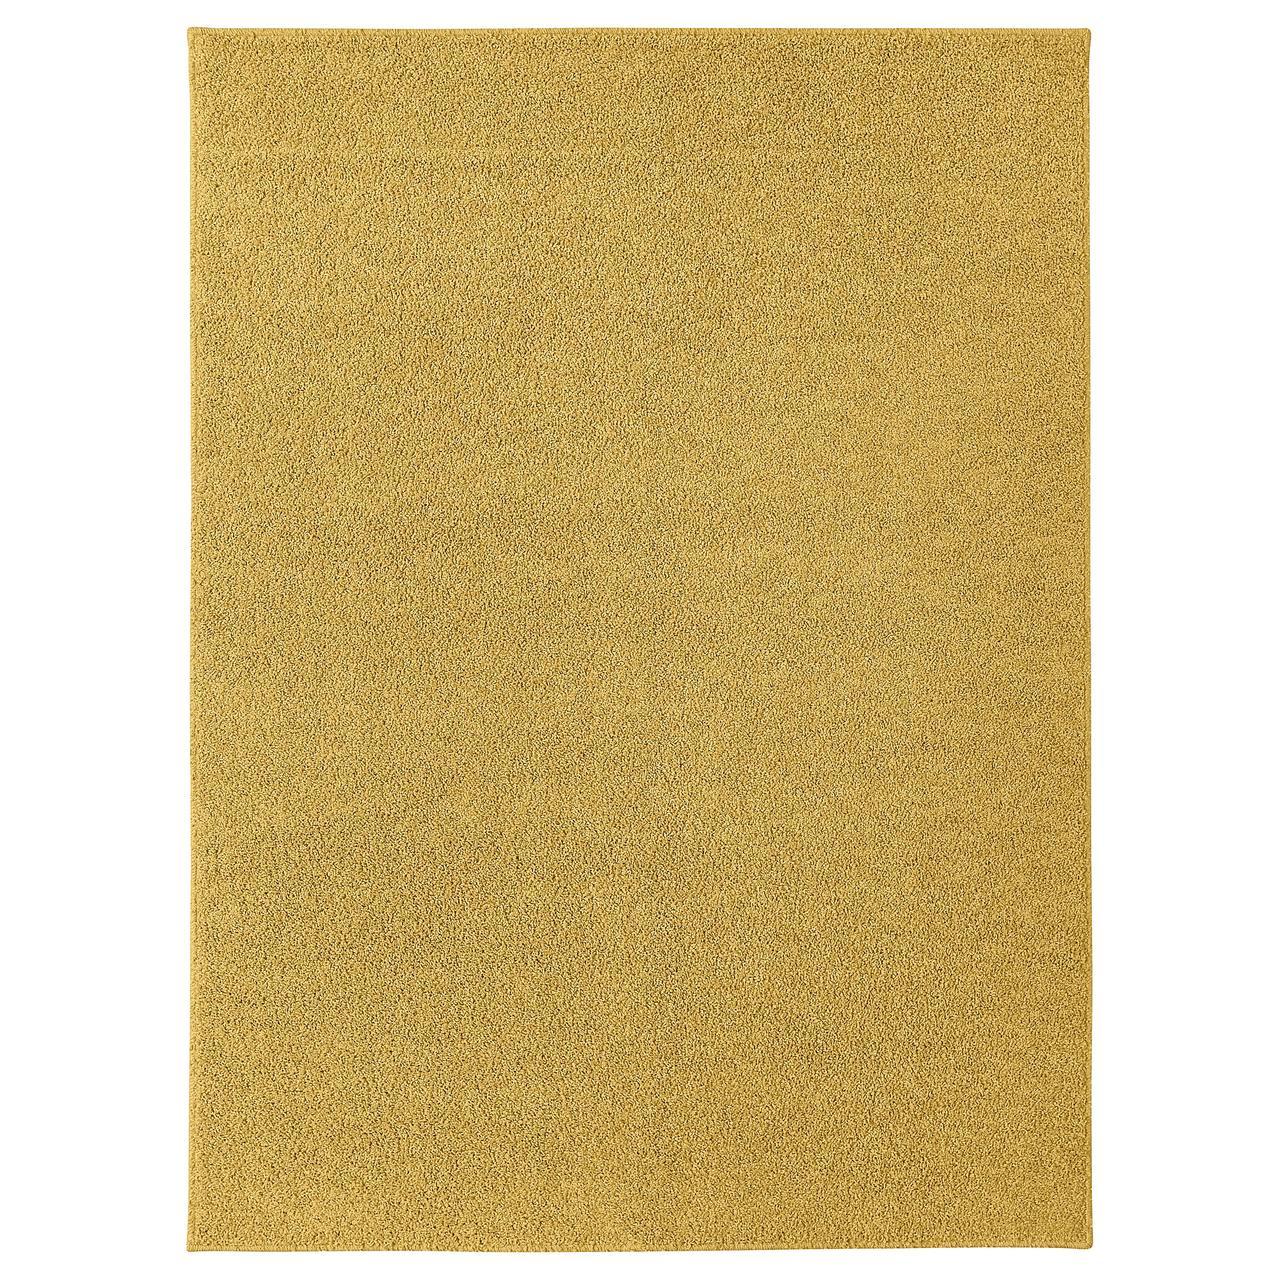 АЛЛЕРСЛЕВ Ковер, длинный ворс, желто-коричневый